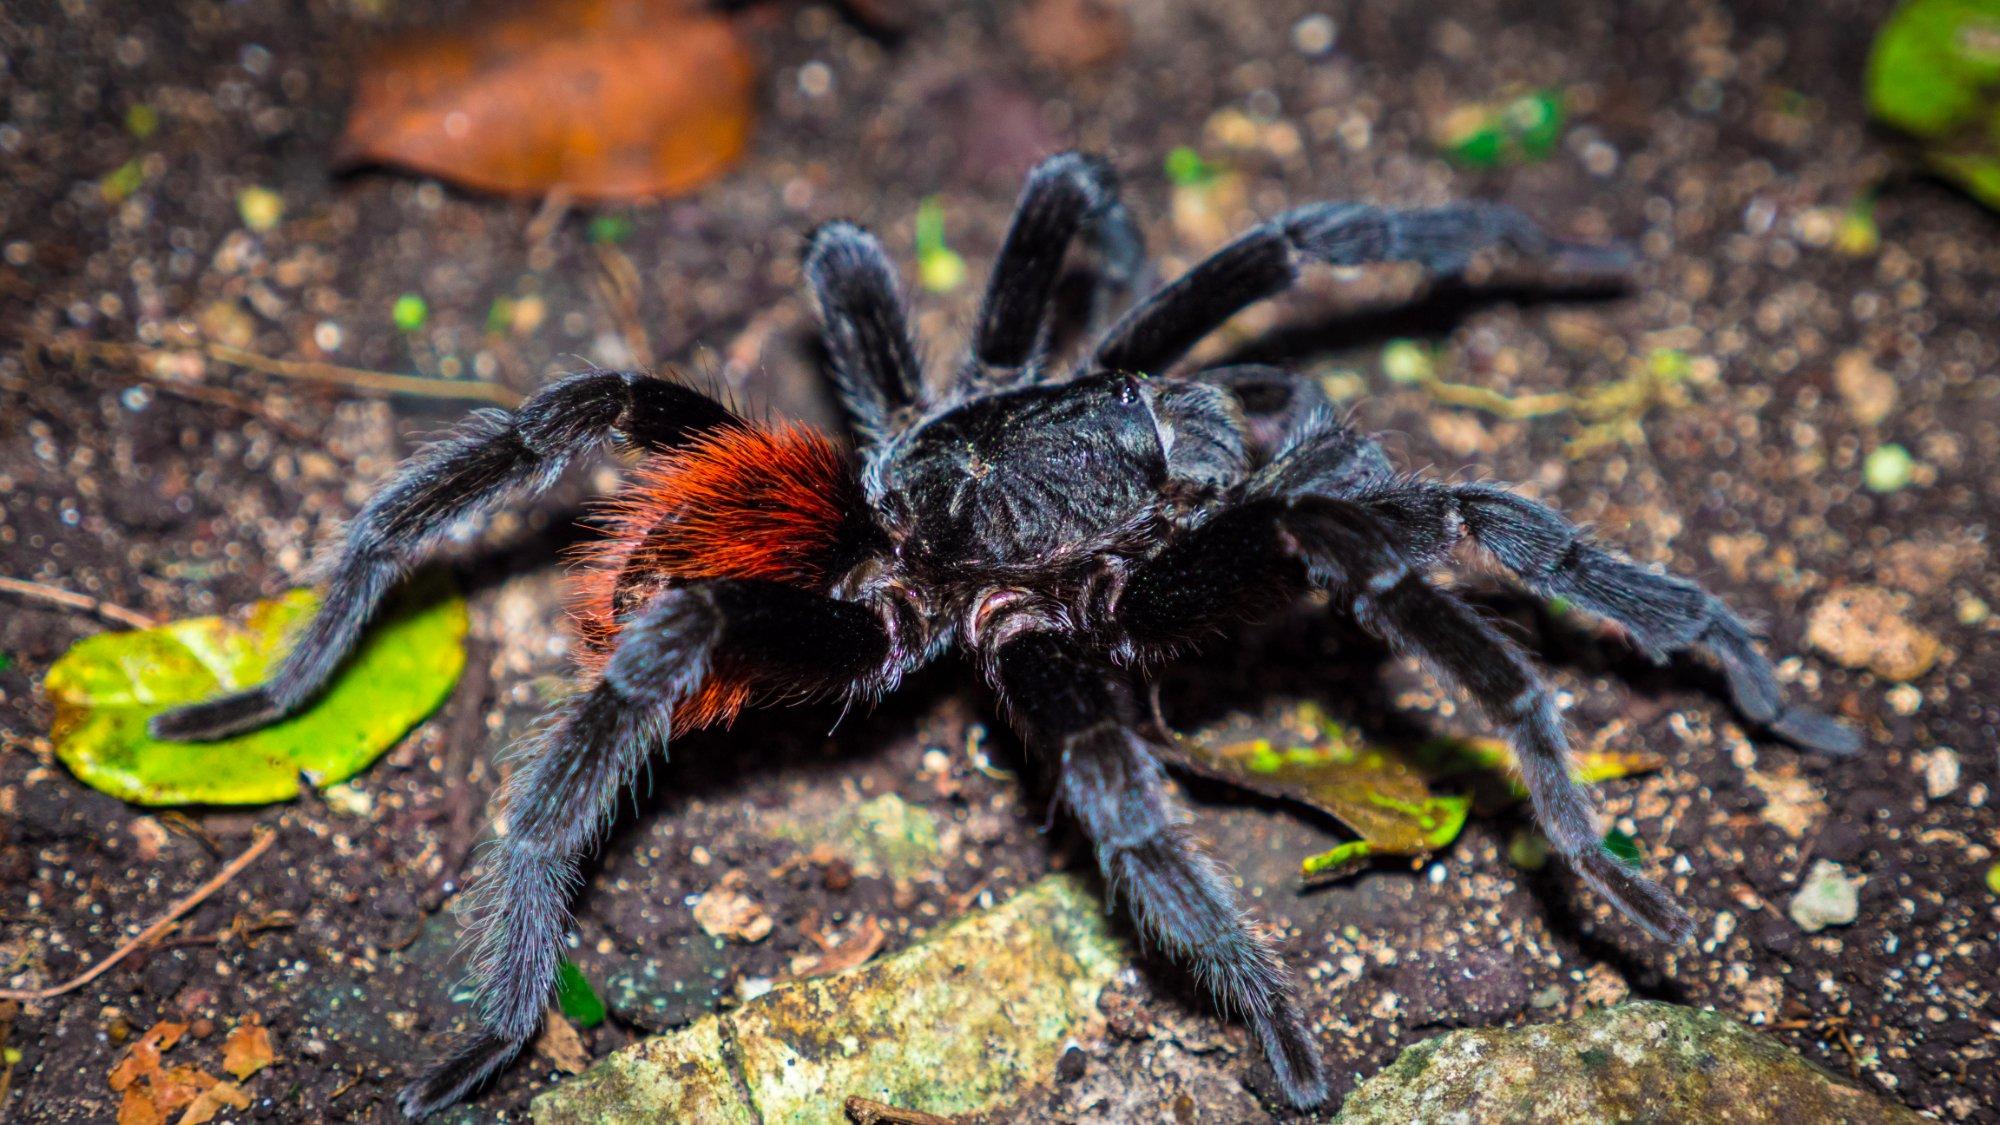 Tarantula at El Mirador